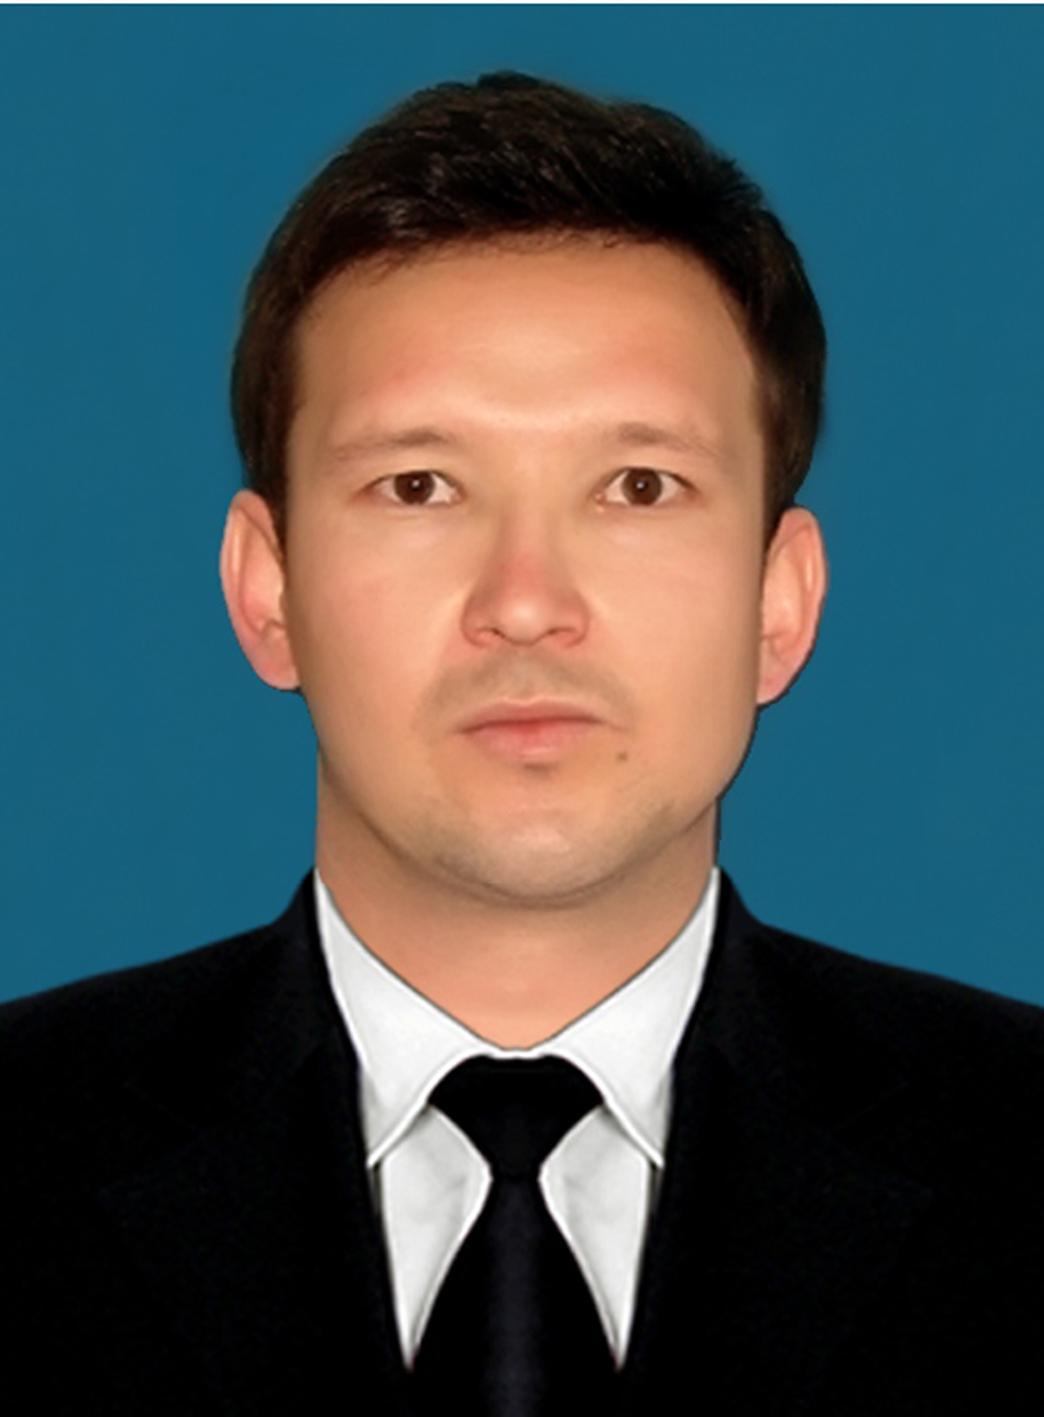 Ilyos Xaytmetov